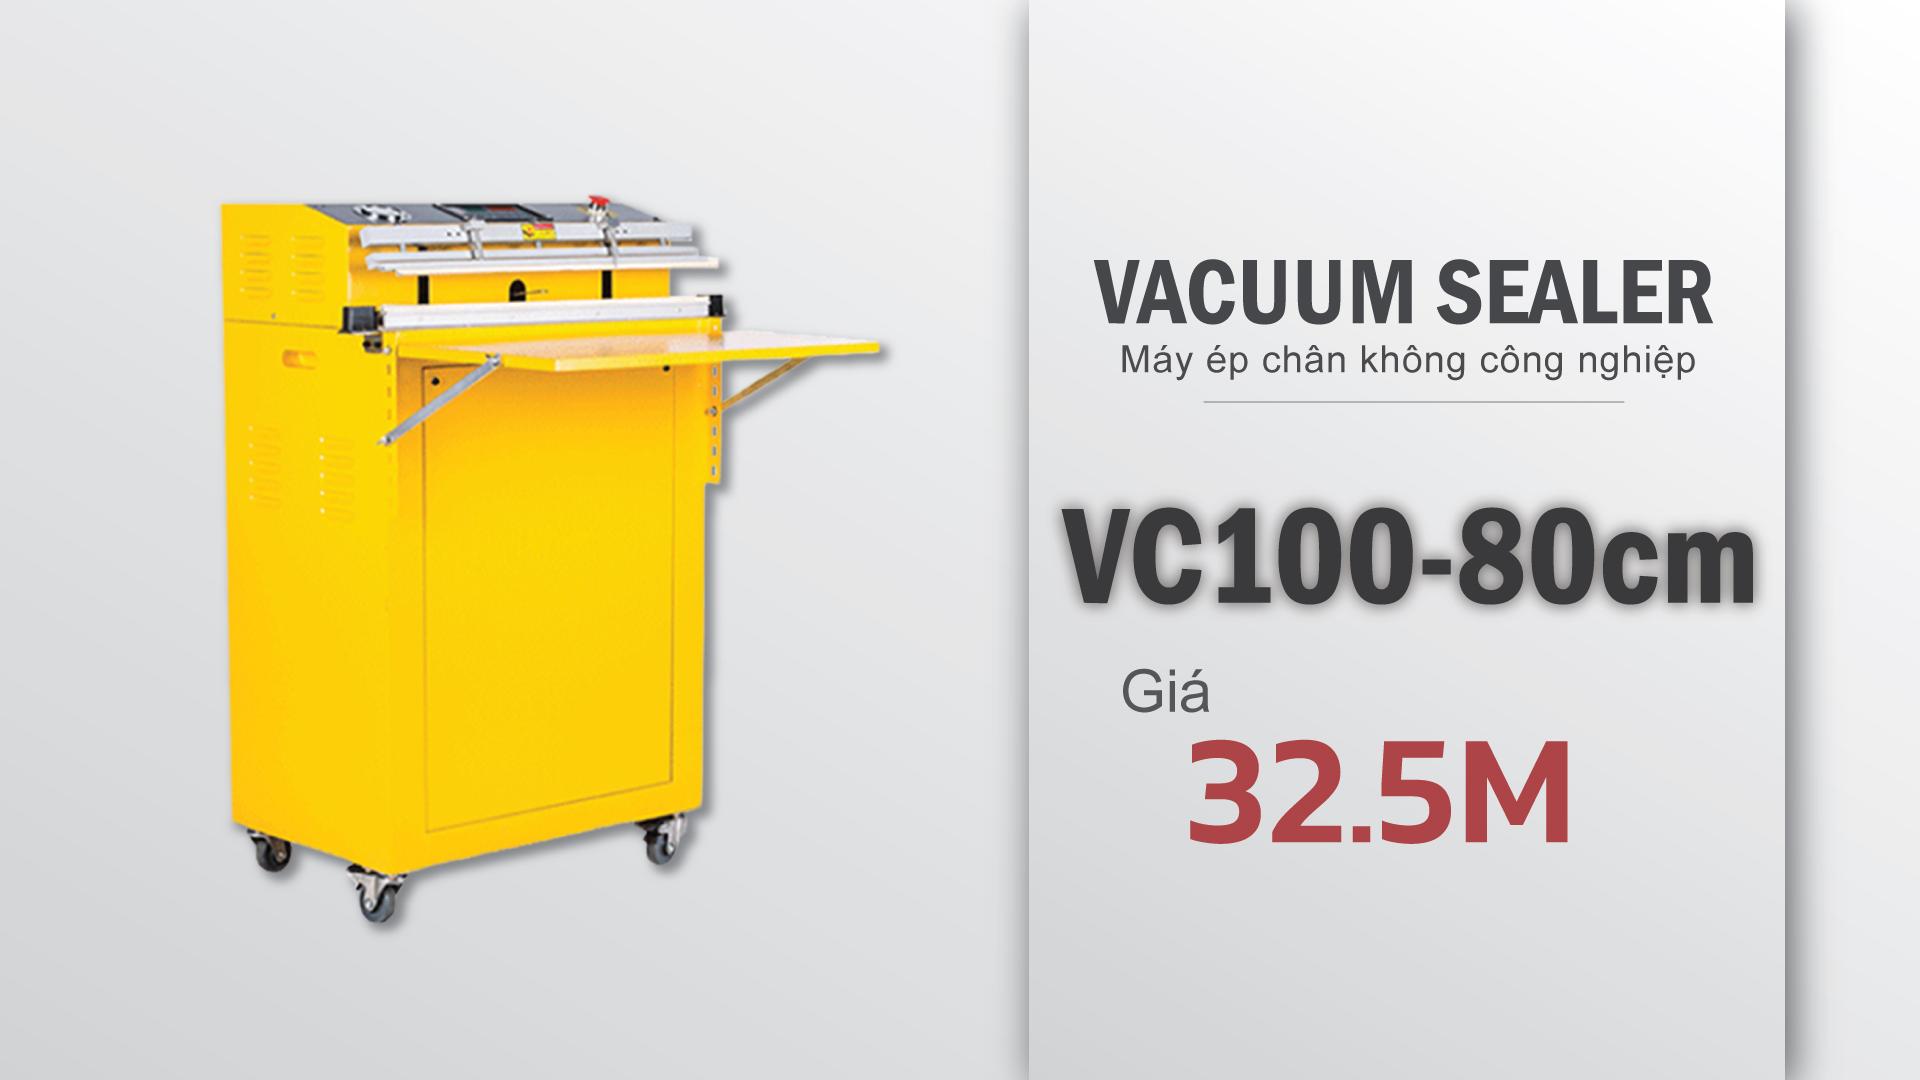 หน้าปก-copy VC100-80cm